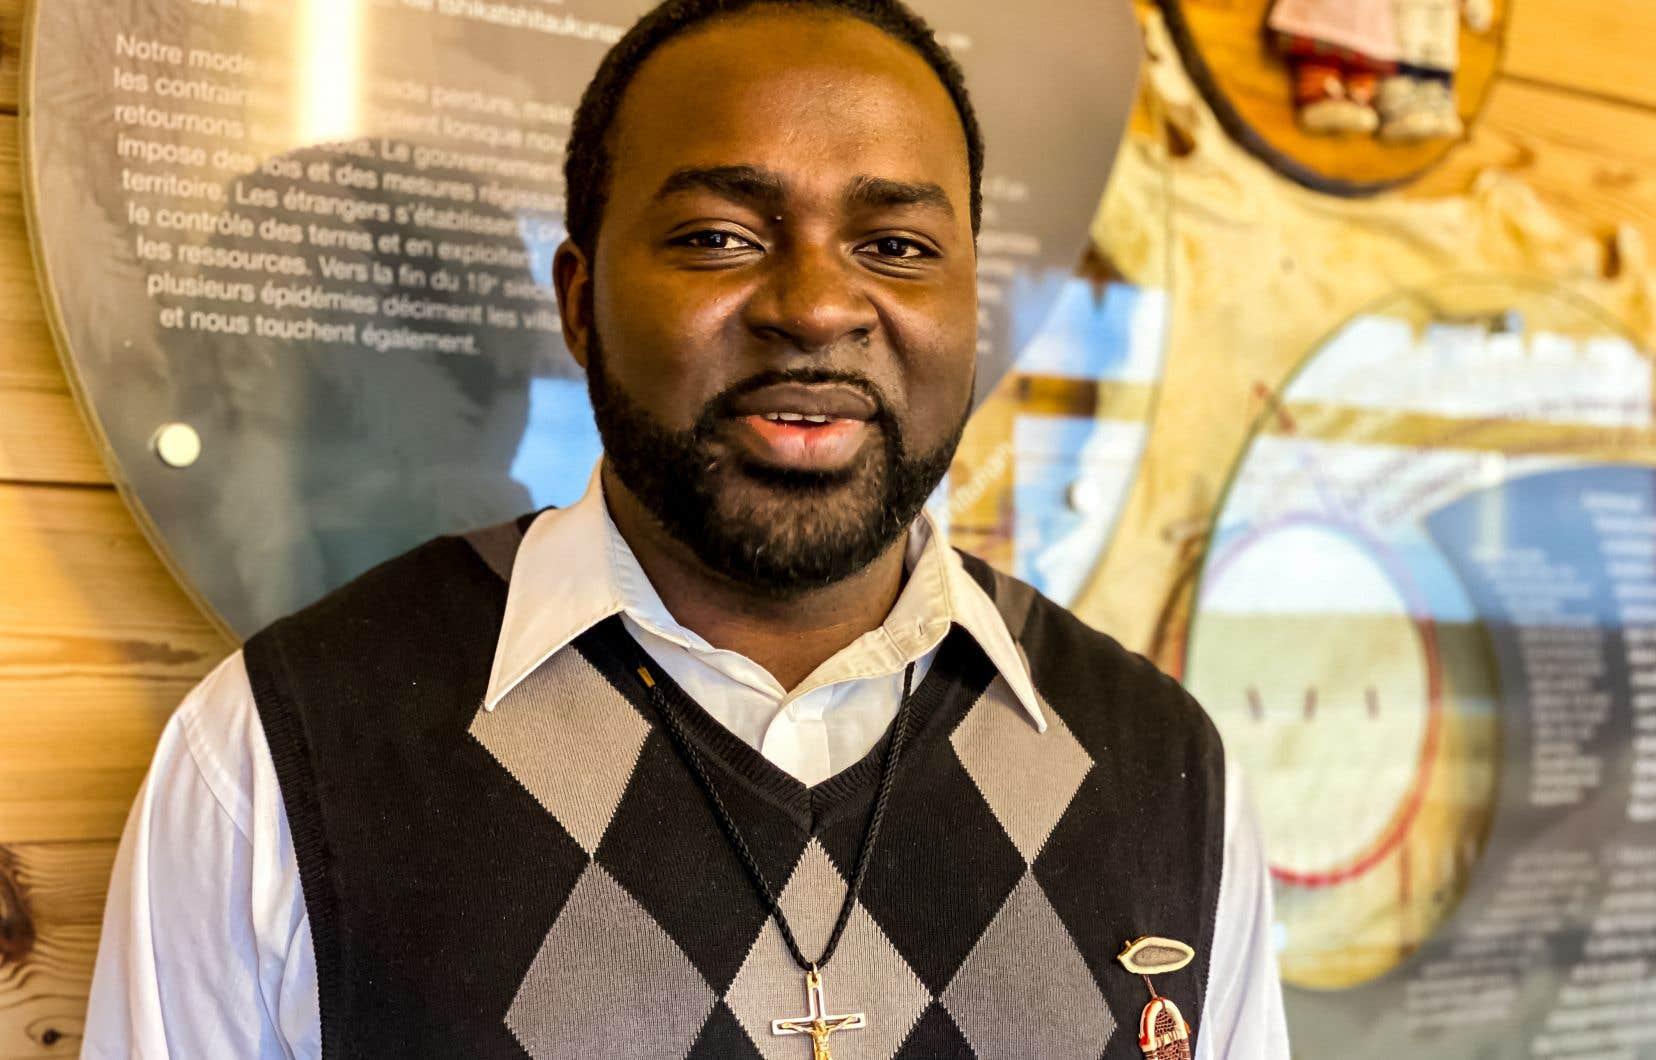 Ali Nnaemeka appartient à la congrégation des Missionnaires oblats de Marie-Immaculée, qui travaille auprès des communautés autochtones au Québec depuis 1844.